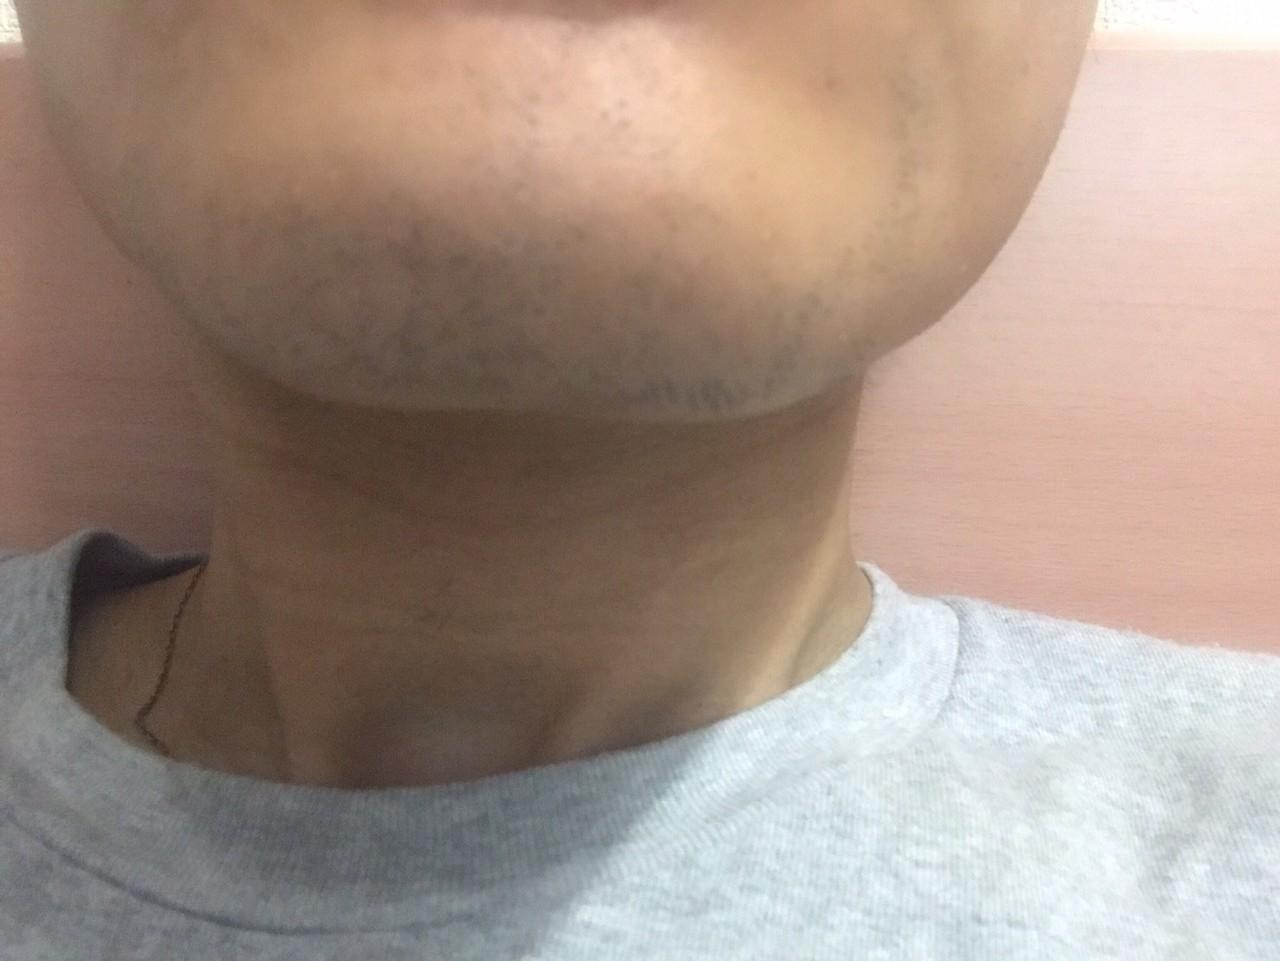 ヒゲ脱毛一回目~一か月後、髭剃り一日後2